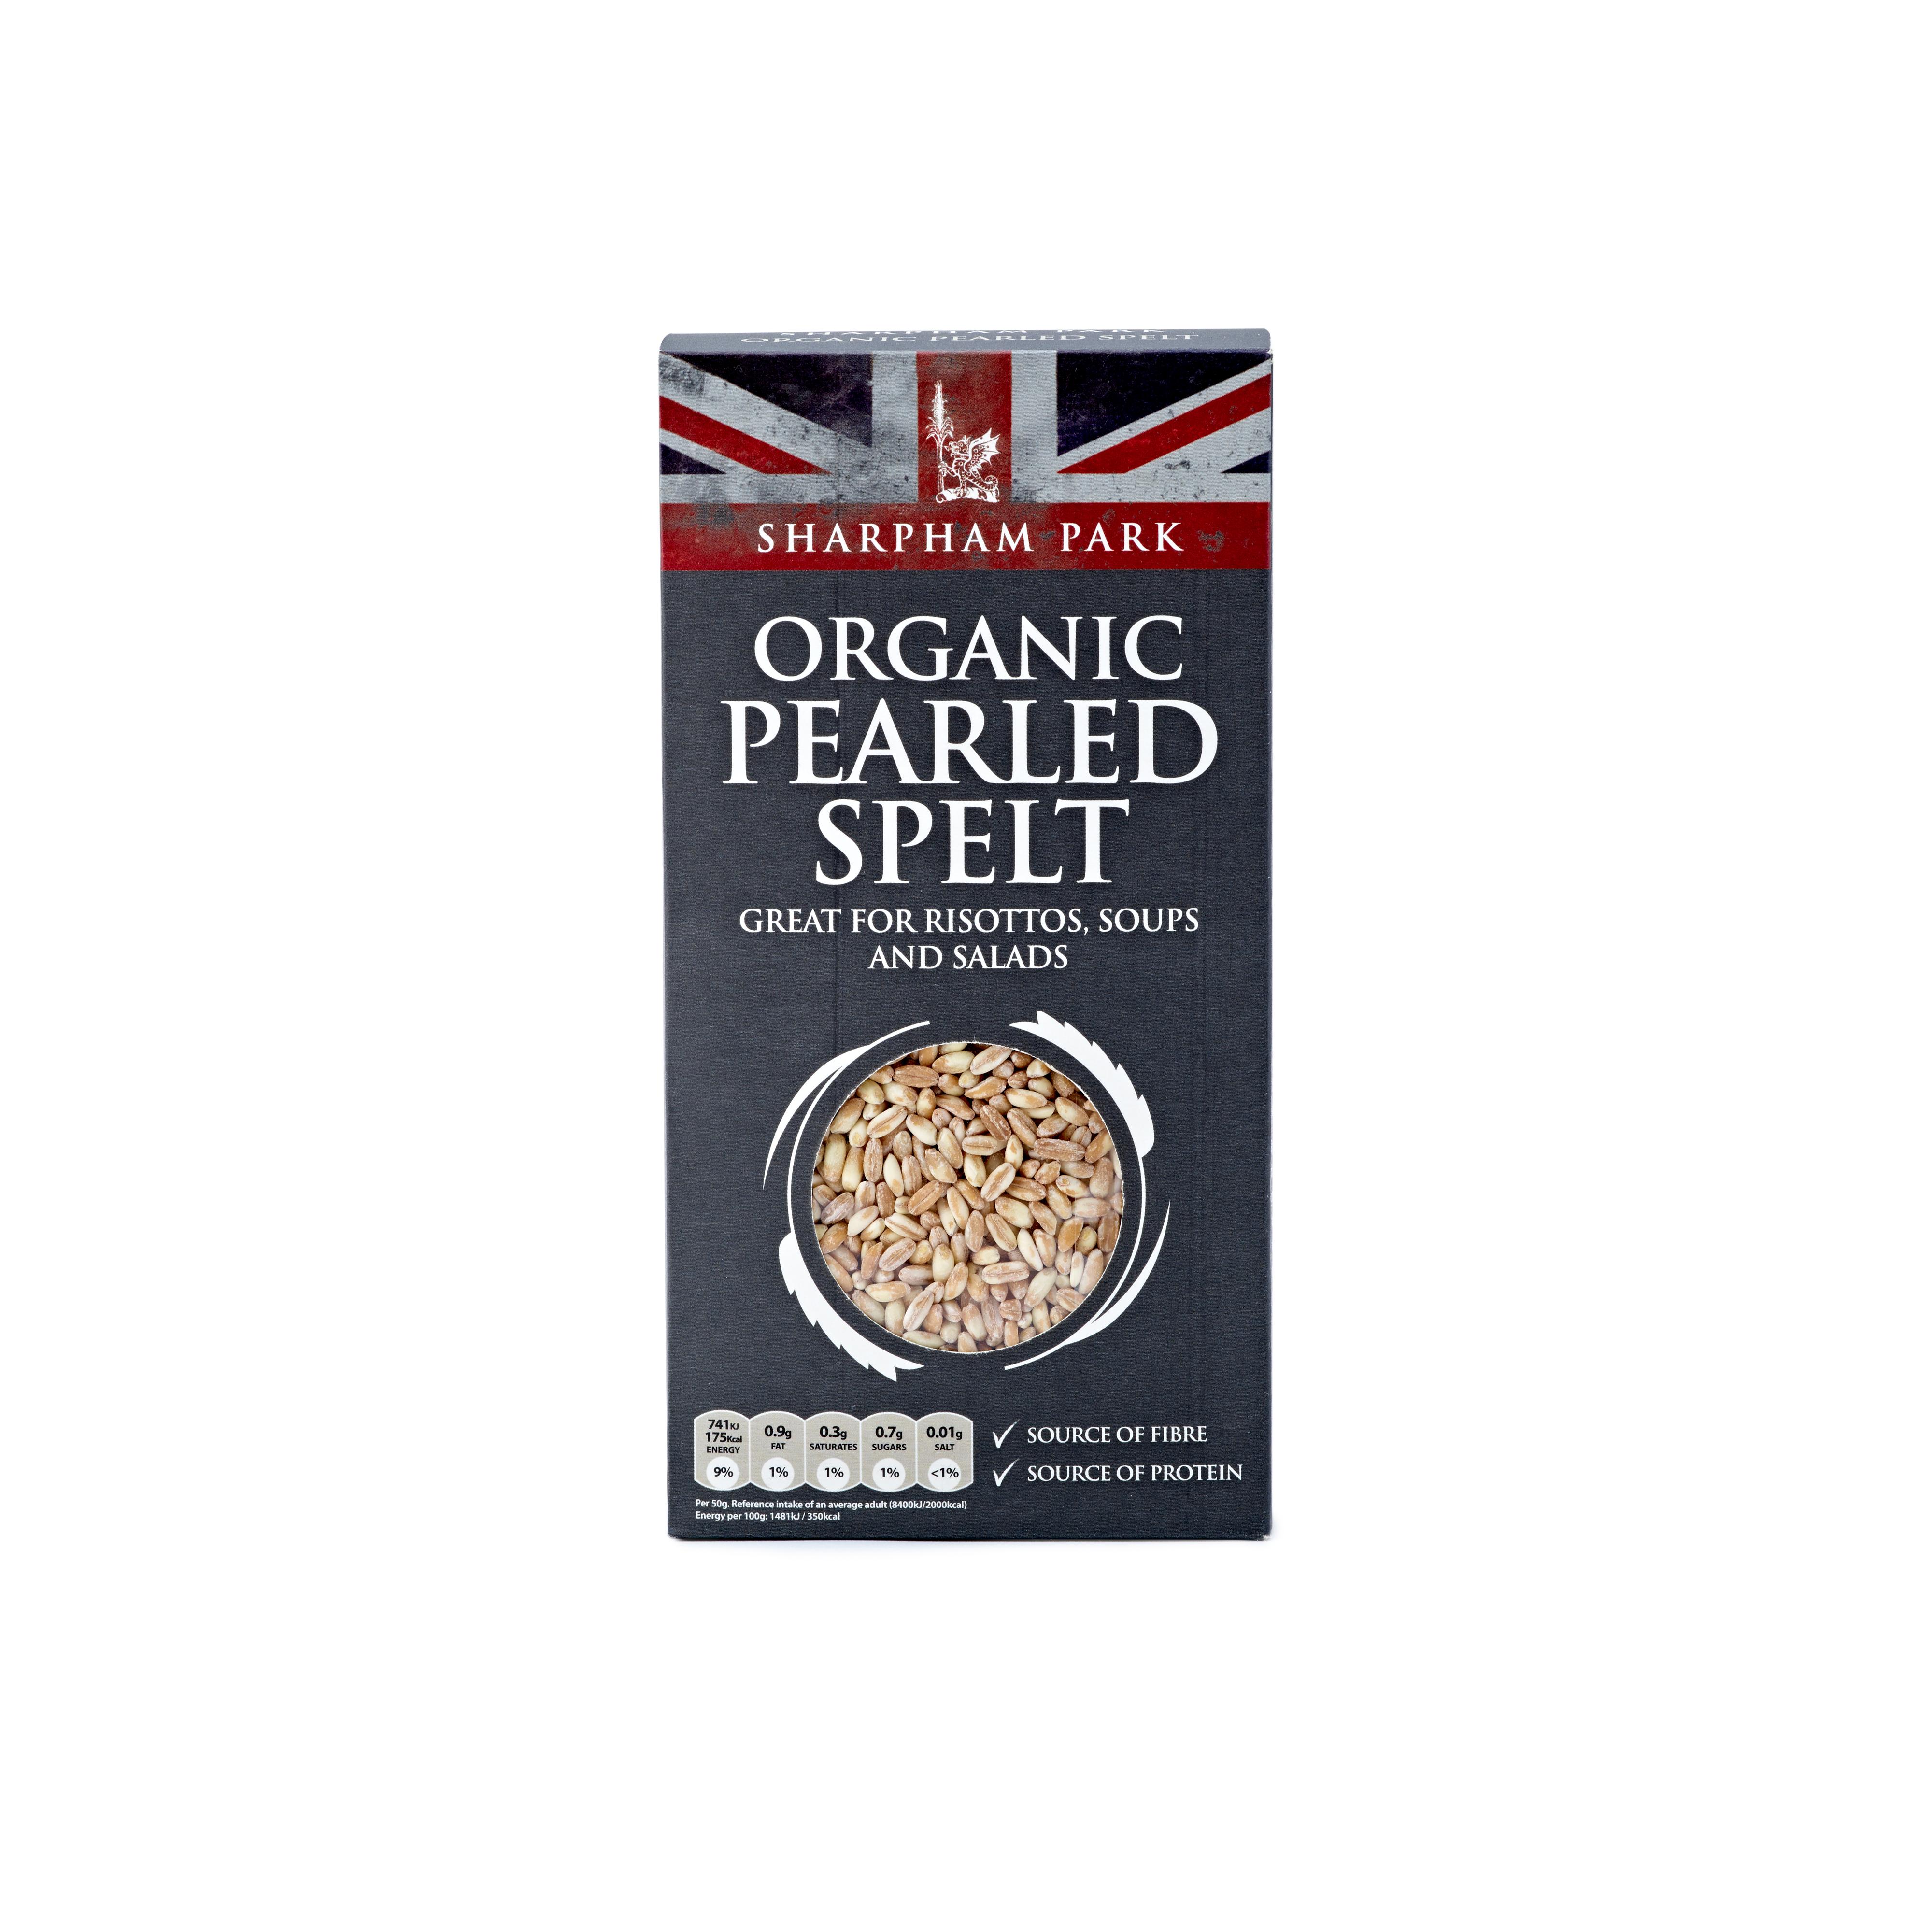 Sharphams Organic Spelt 500g